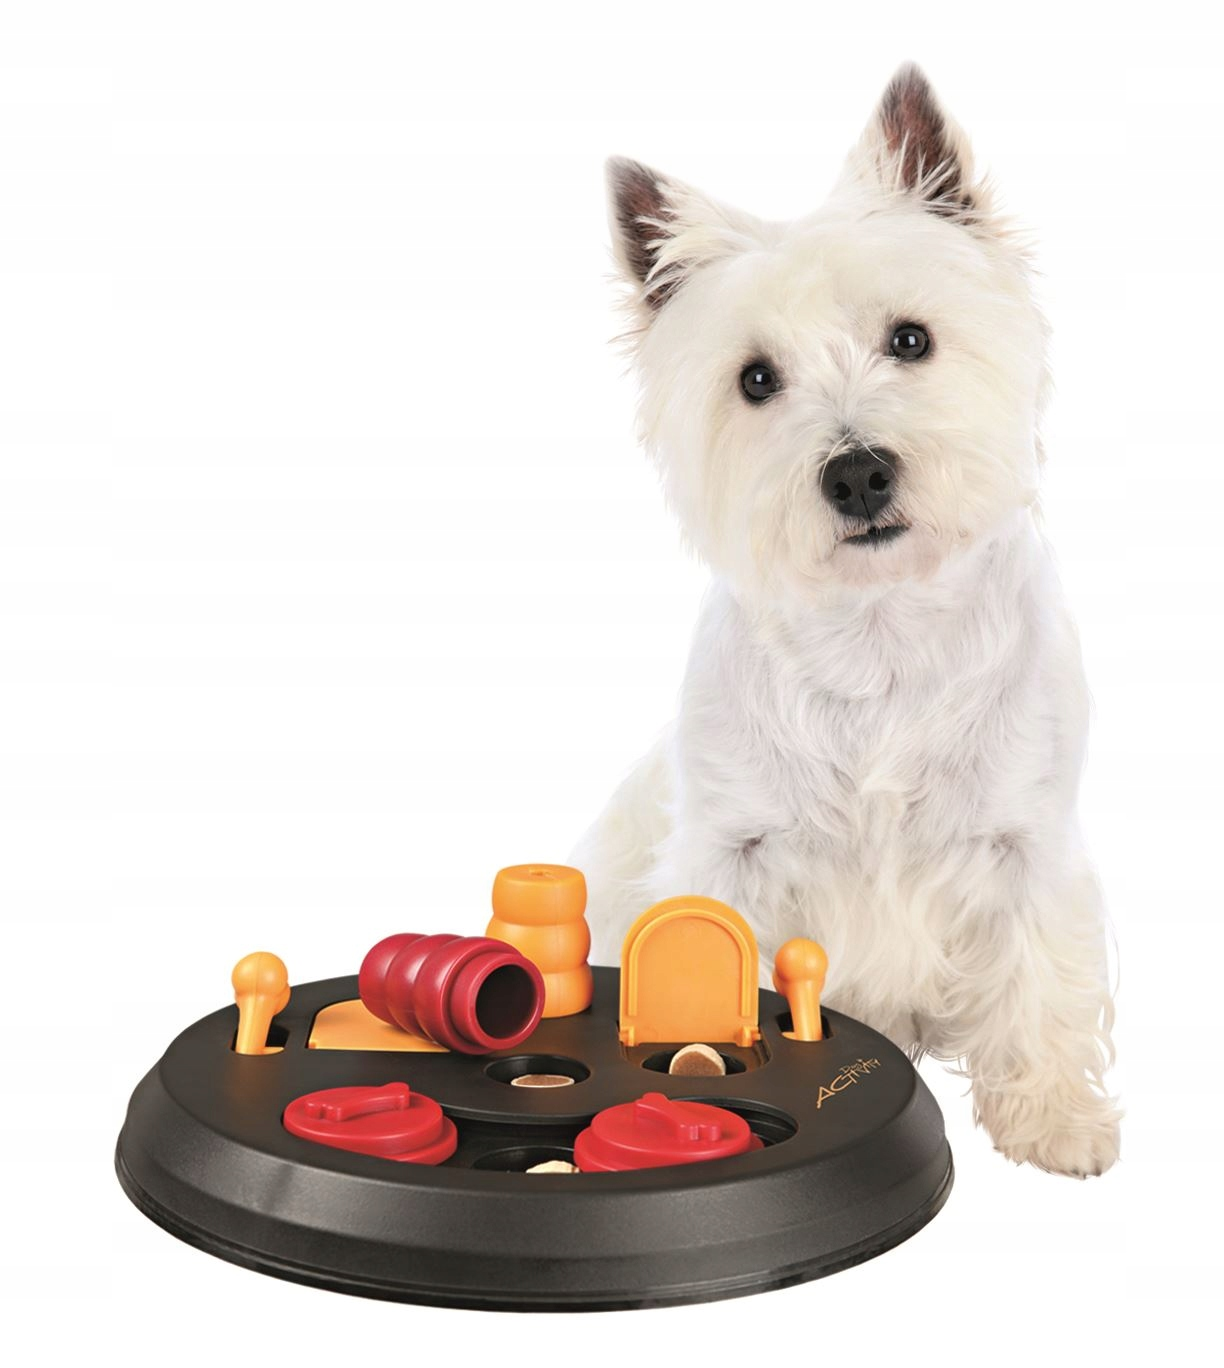 Развивающая игрушка для собак (Flip Board) TX-32026